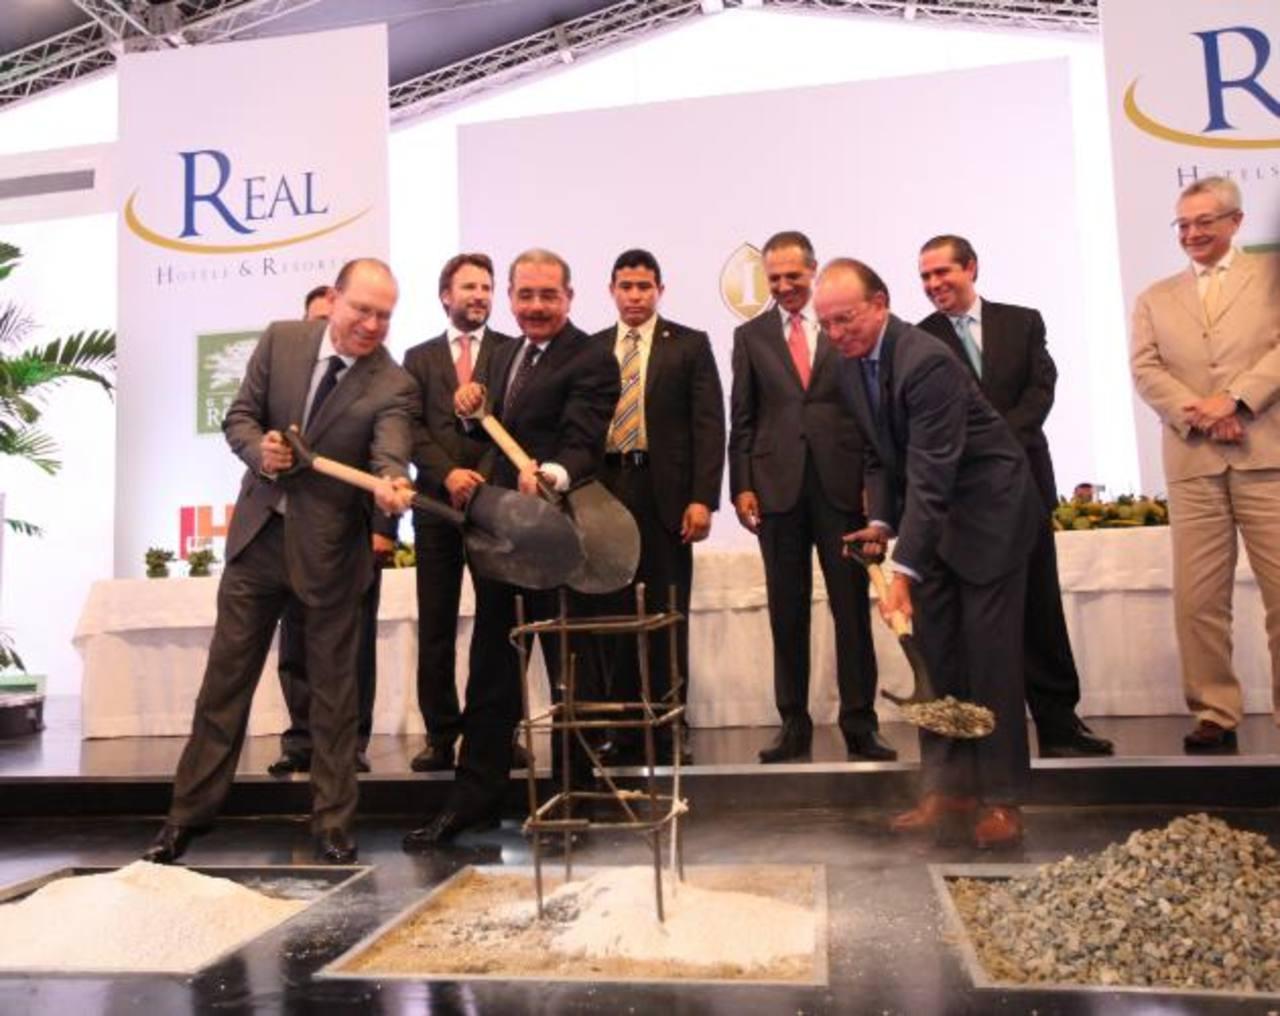 El presidente dominicano, Danilo Medina, acompaña a Ricardo y Fernando Poma a colocar la primera piedra. Foto EDH / cortesía El momento elegido para la visita de Leon Panetta (izquierda) no podríadión, dijo Barak (derecha). Foto EDH / archivo El hote